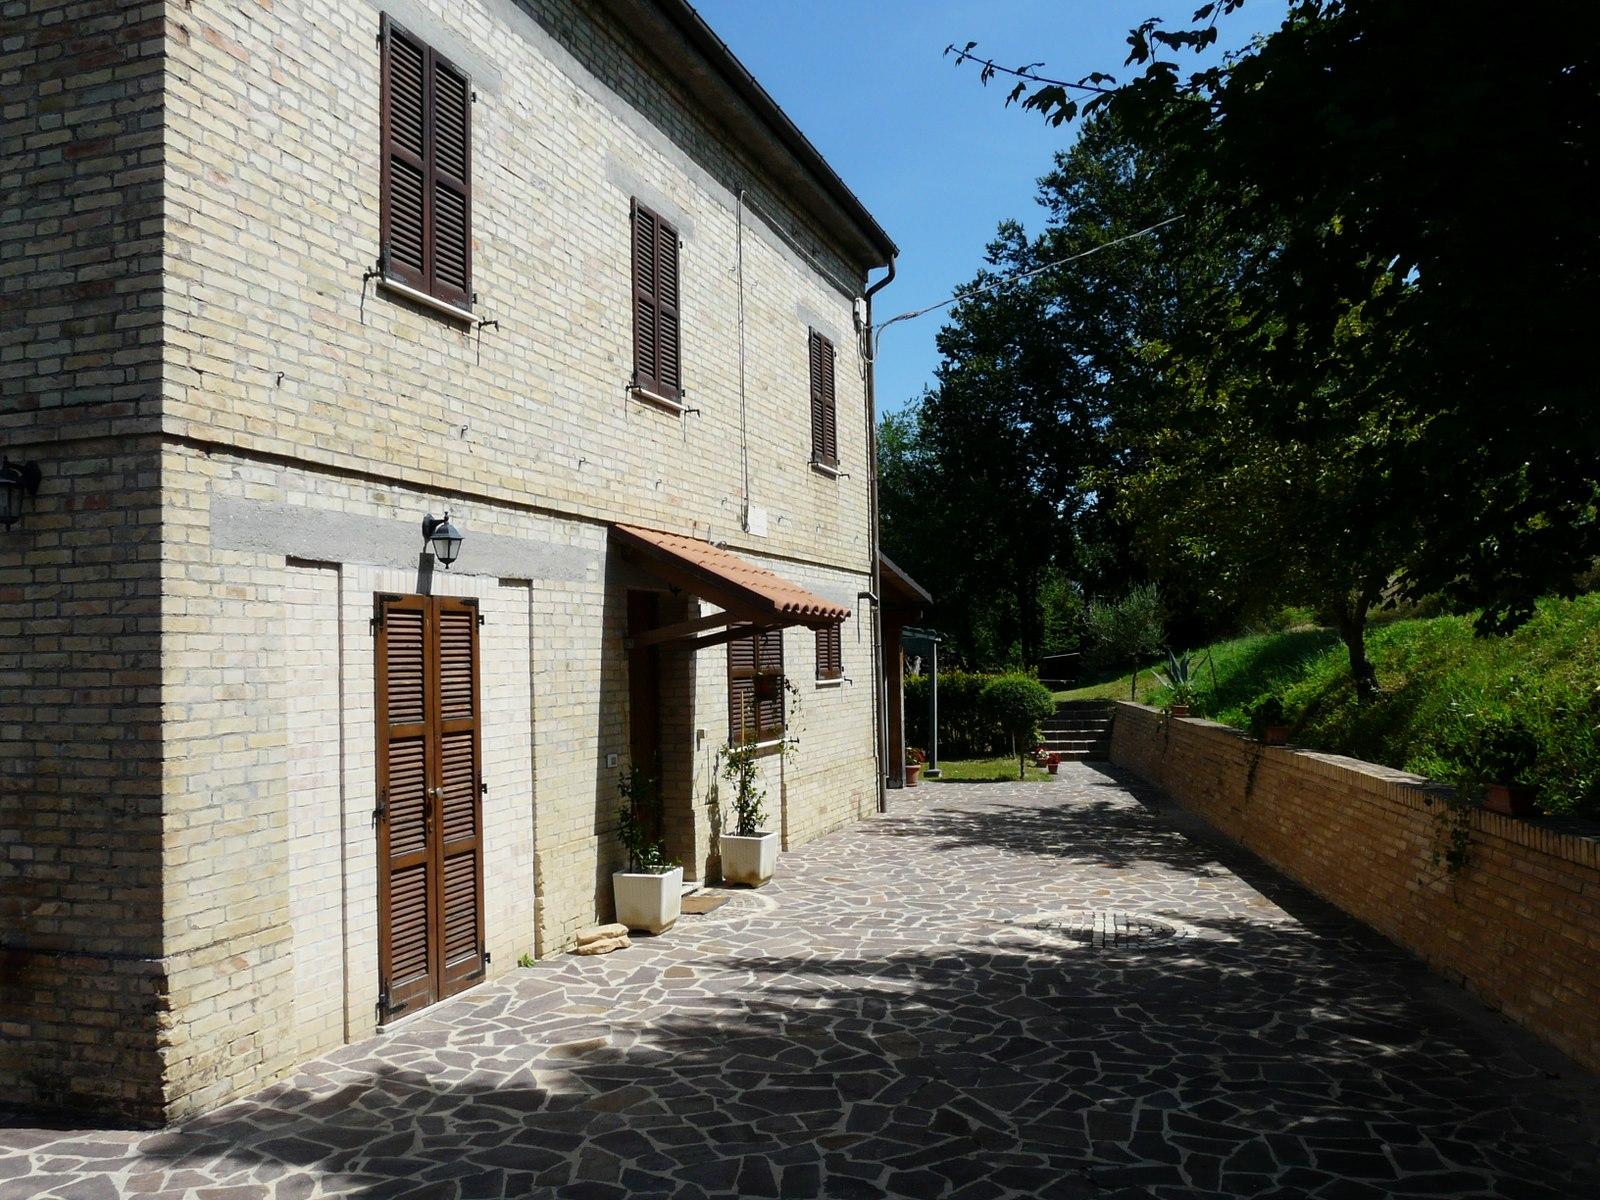 Ferienhaus La Priora (870401), Montedinove, Ascoli Piceno, Marken, Italien, Bild 24